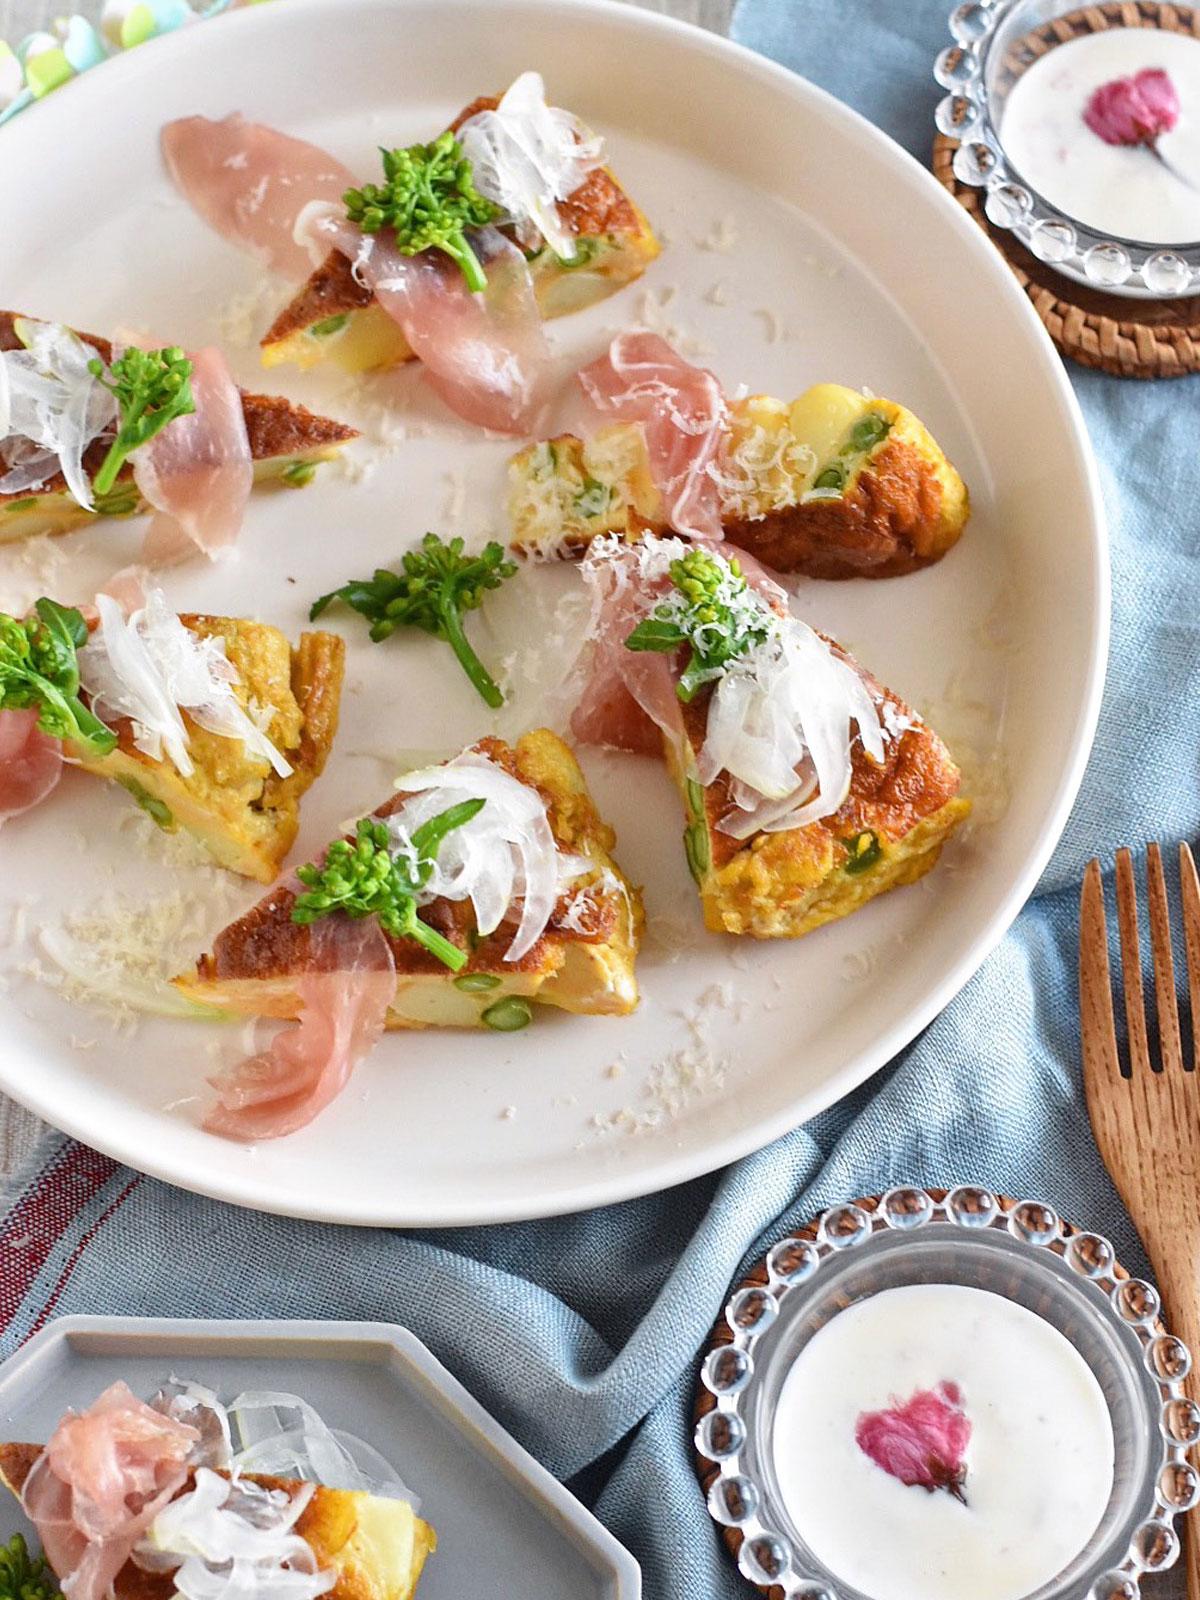 春野菜のスパニッシュオムレツ